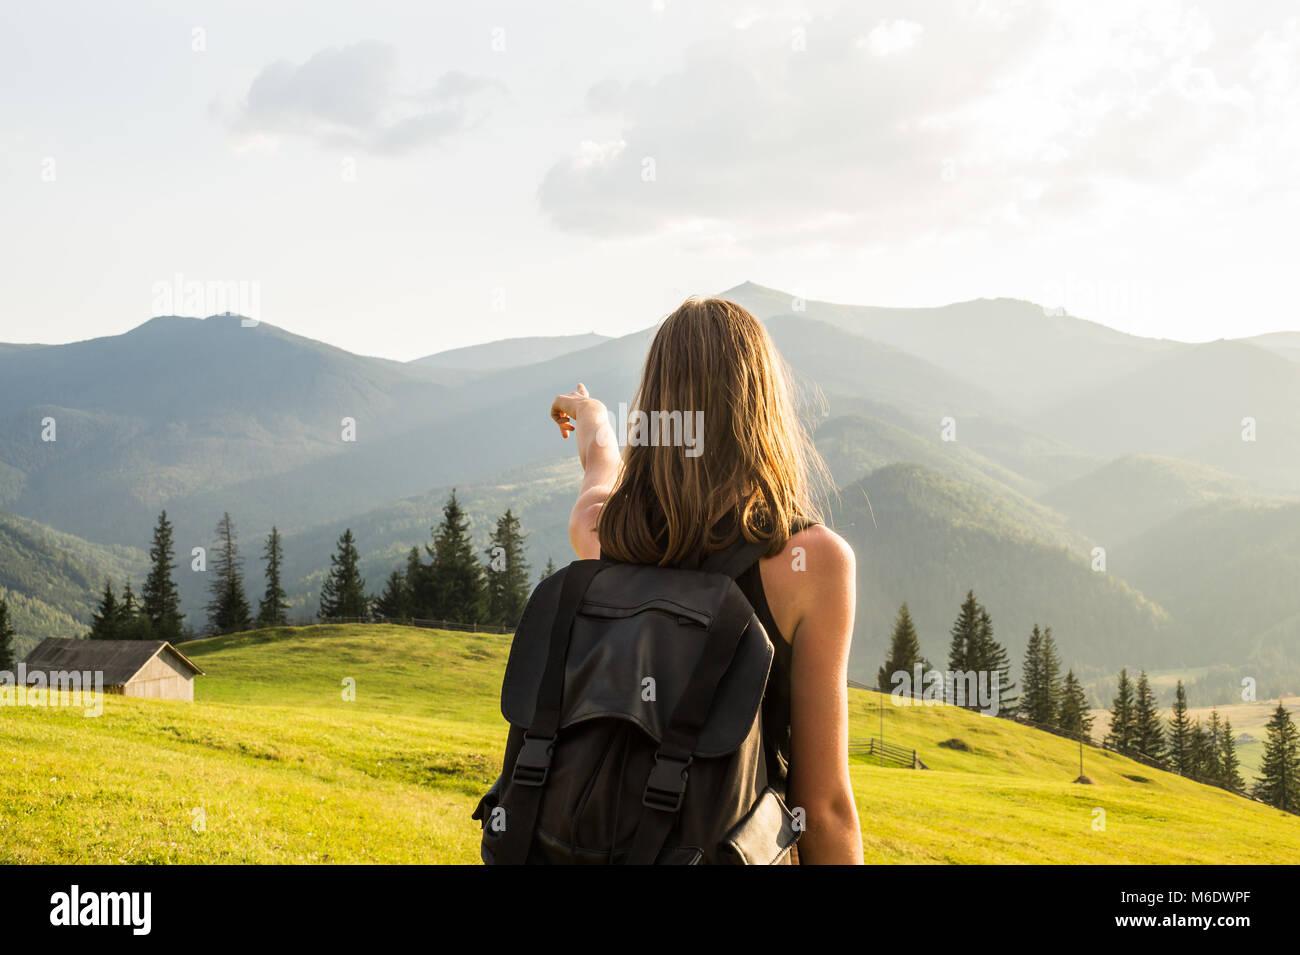 Joven se sitúa en la ladera de las montañas de los Cárpatos ucranianos y mira distantes montañas Imagen De Stock